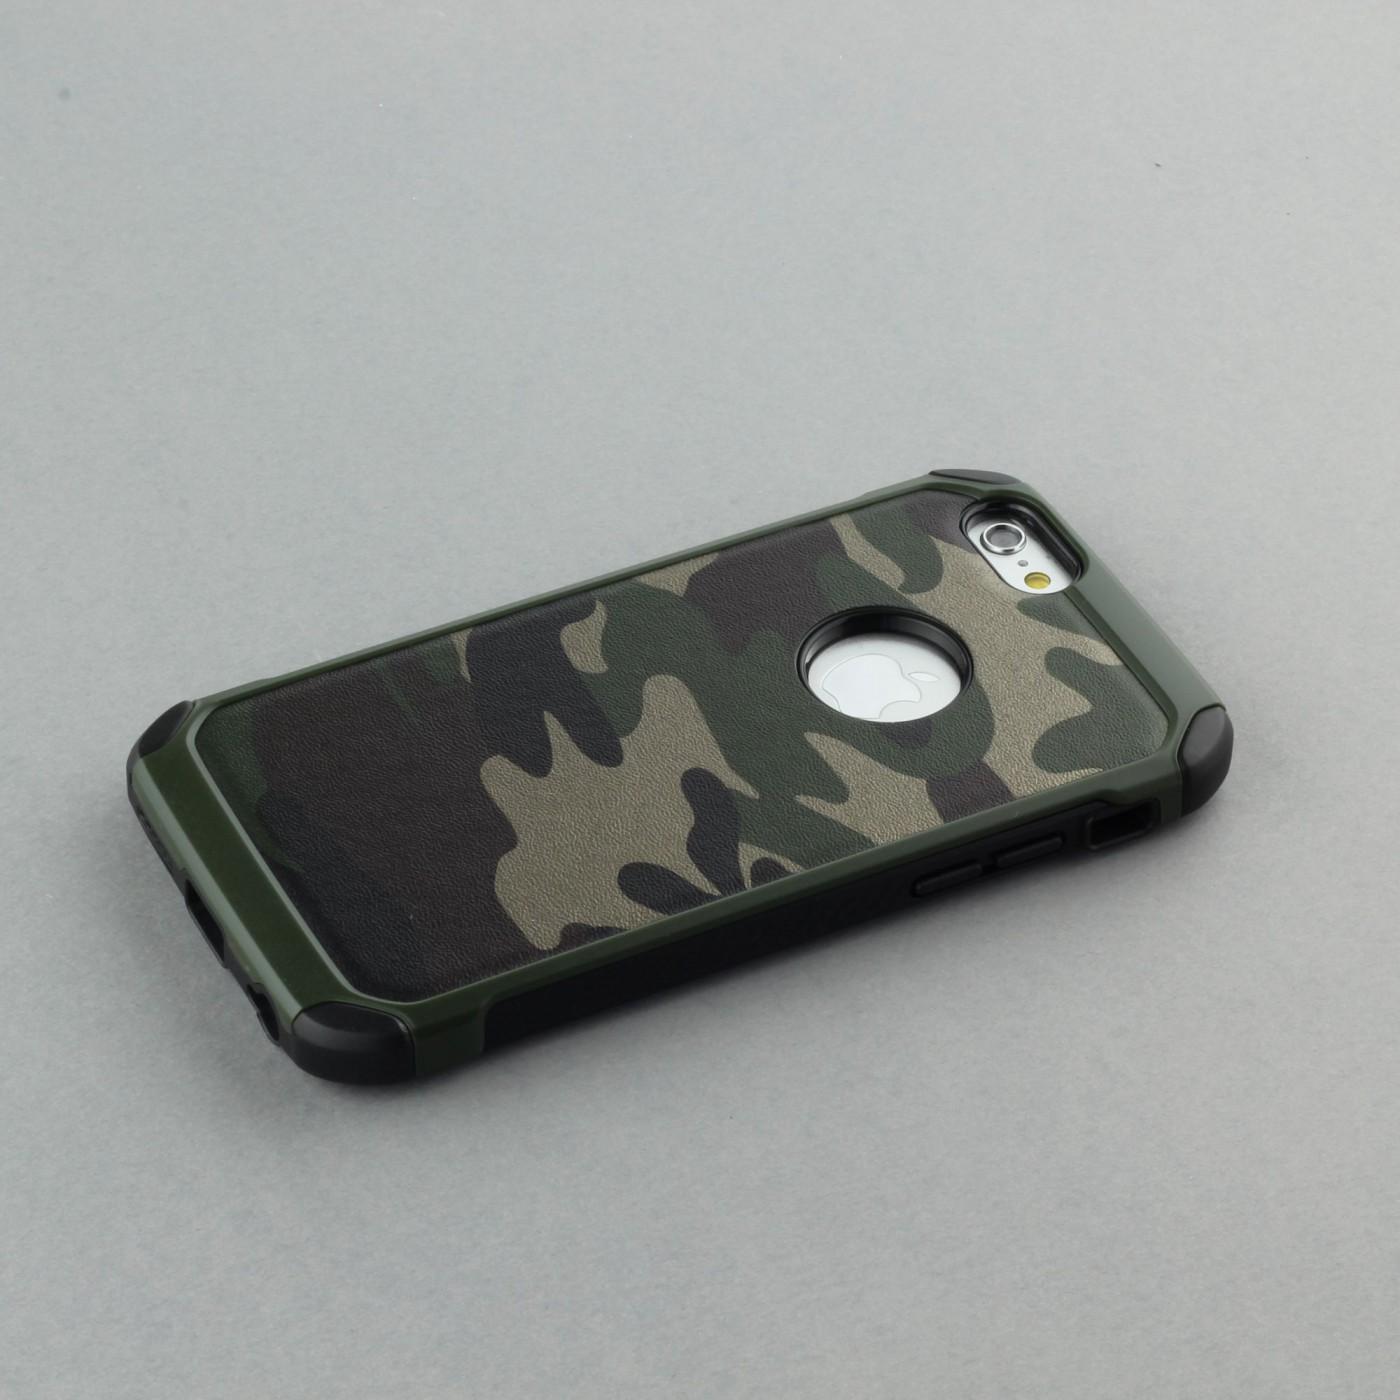 coque iphone 6 s militaire